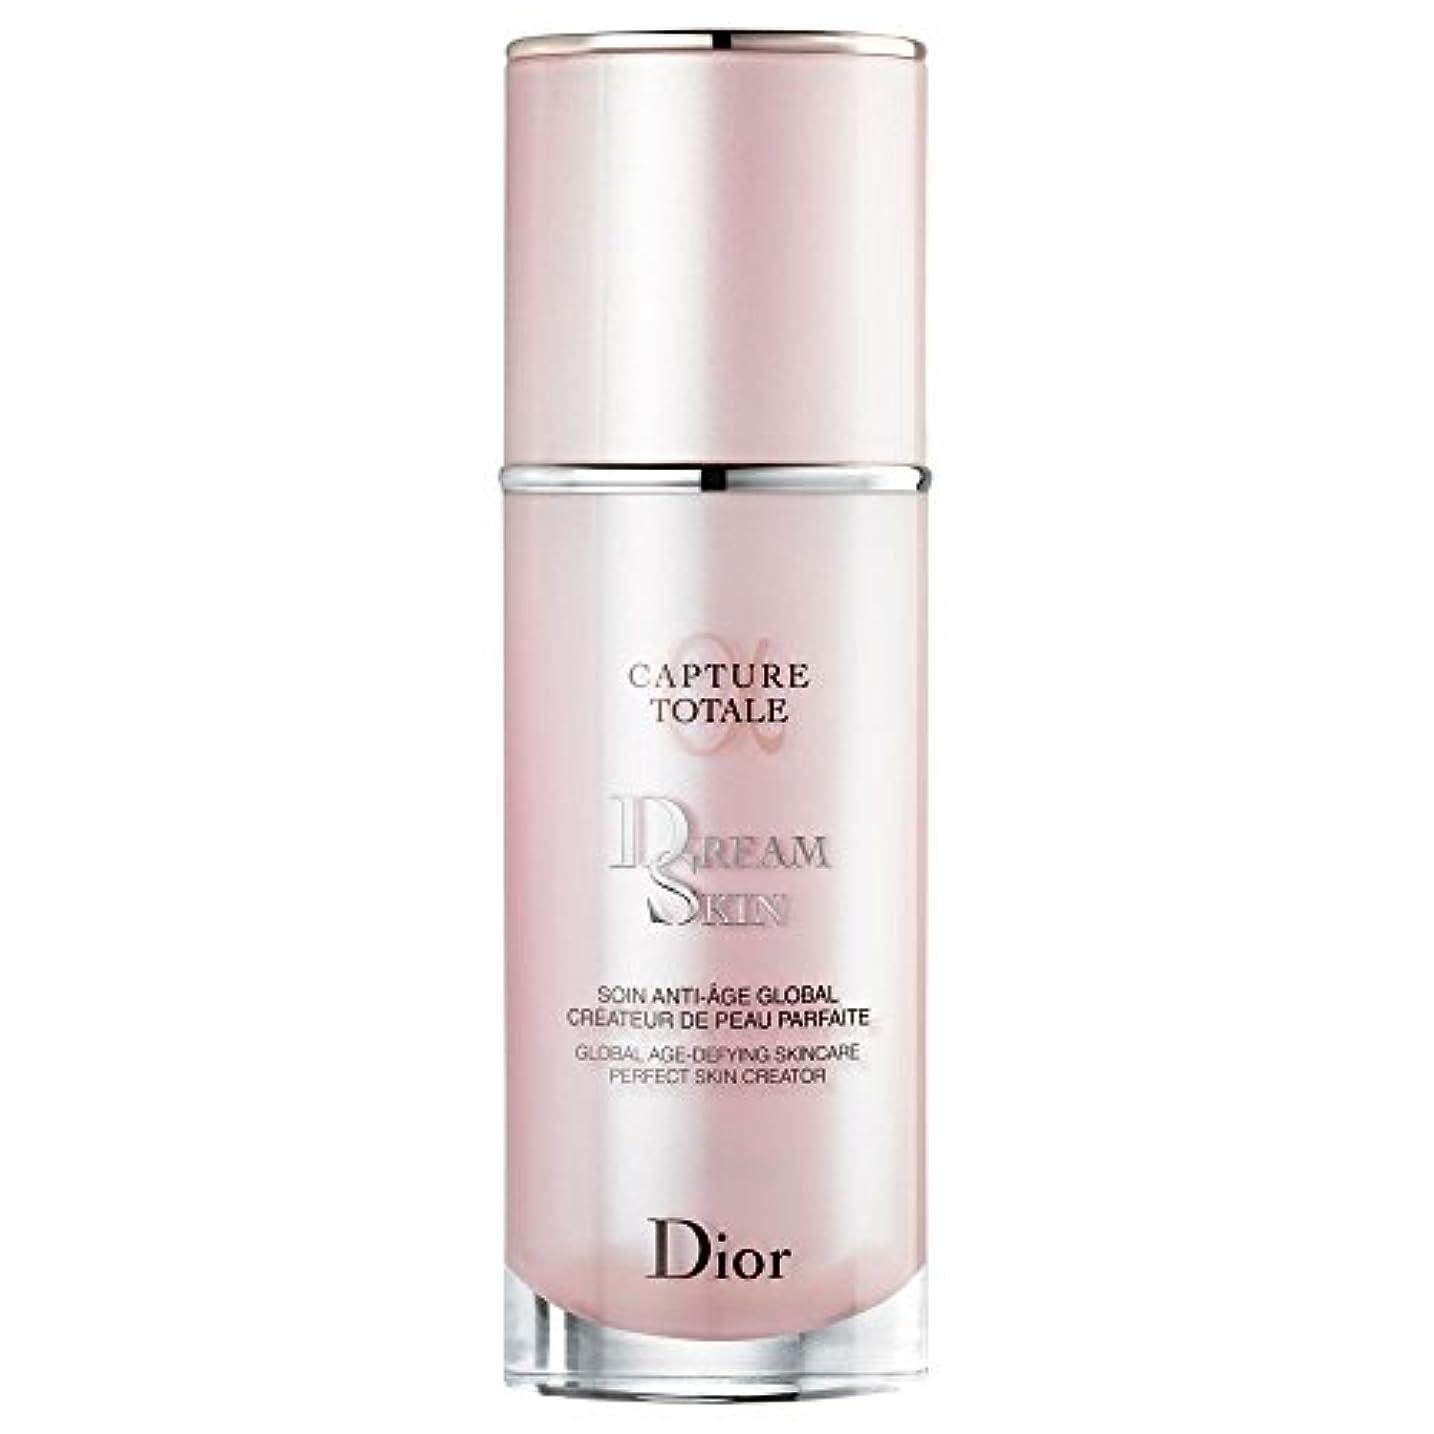 利得イブ不利益[Dior] ディオールキャプチャカプチュールトータルDreamskin血清50ミリリットル - Dior Capture Totale Dreamskin Serum 50ml [並行輸入品]